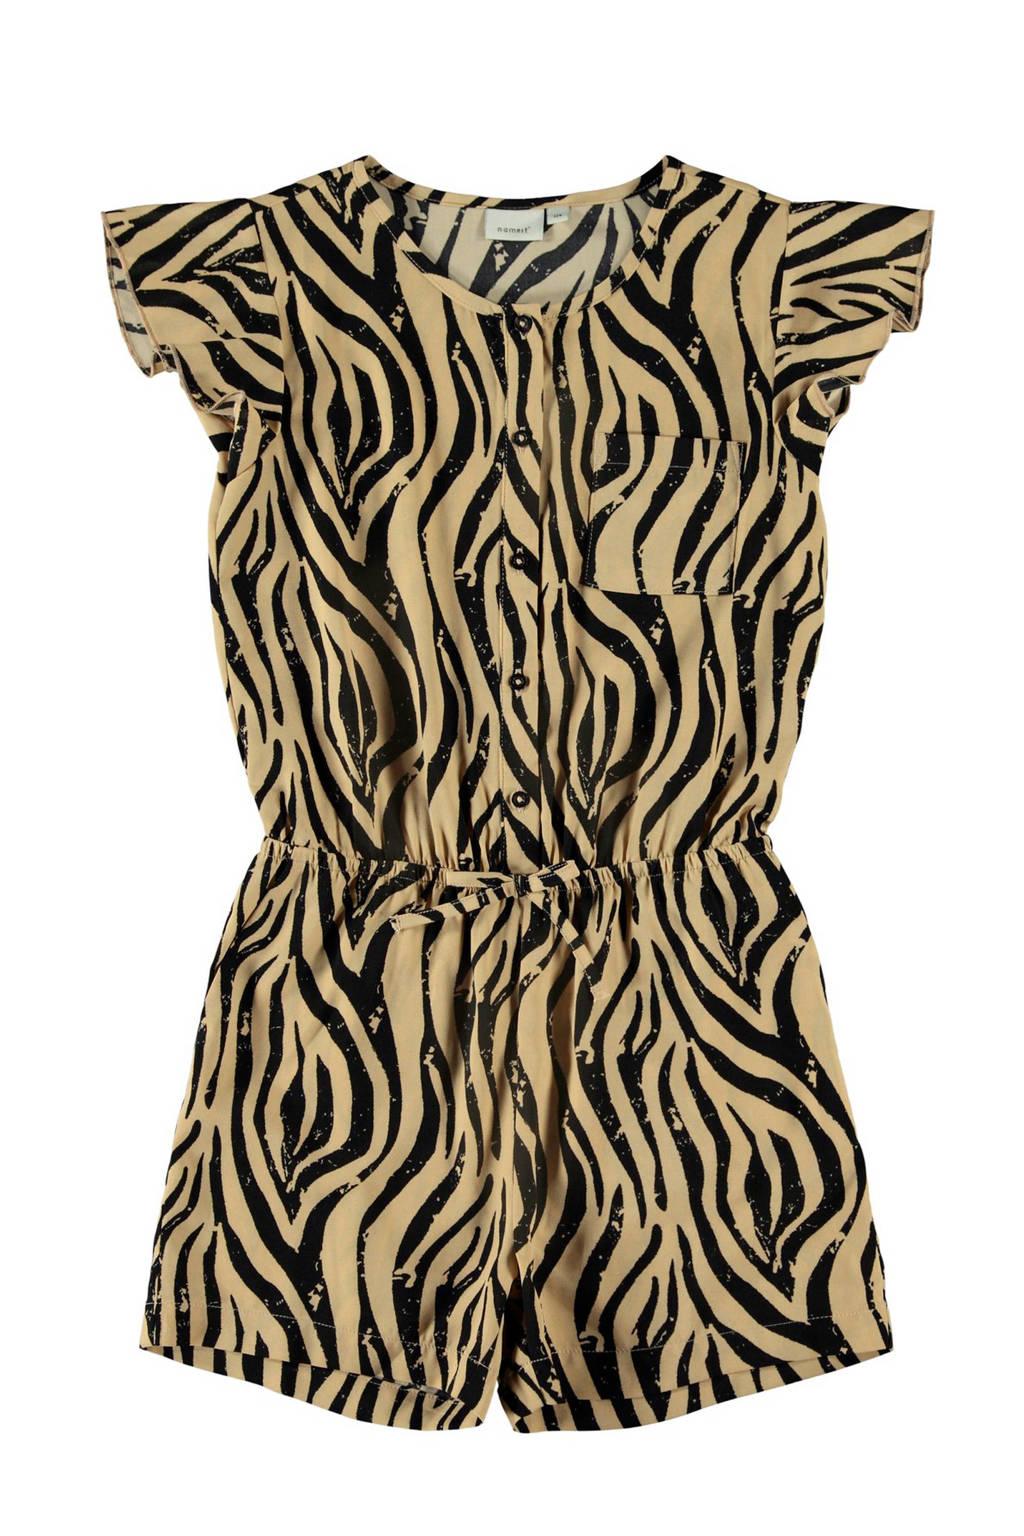 NAME IT KIDS jumpsuit Kinaya met zebraprint beige/zwart, Beige/zwart